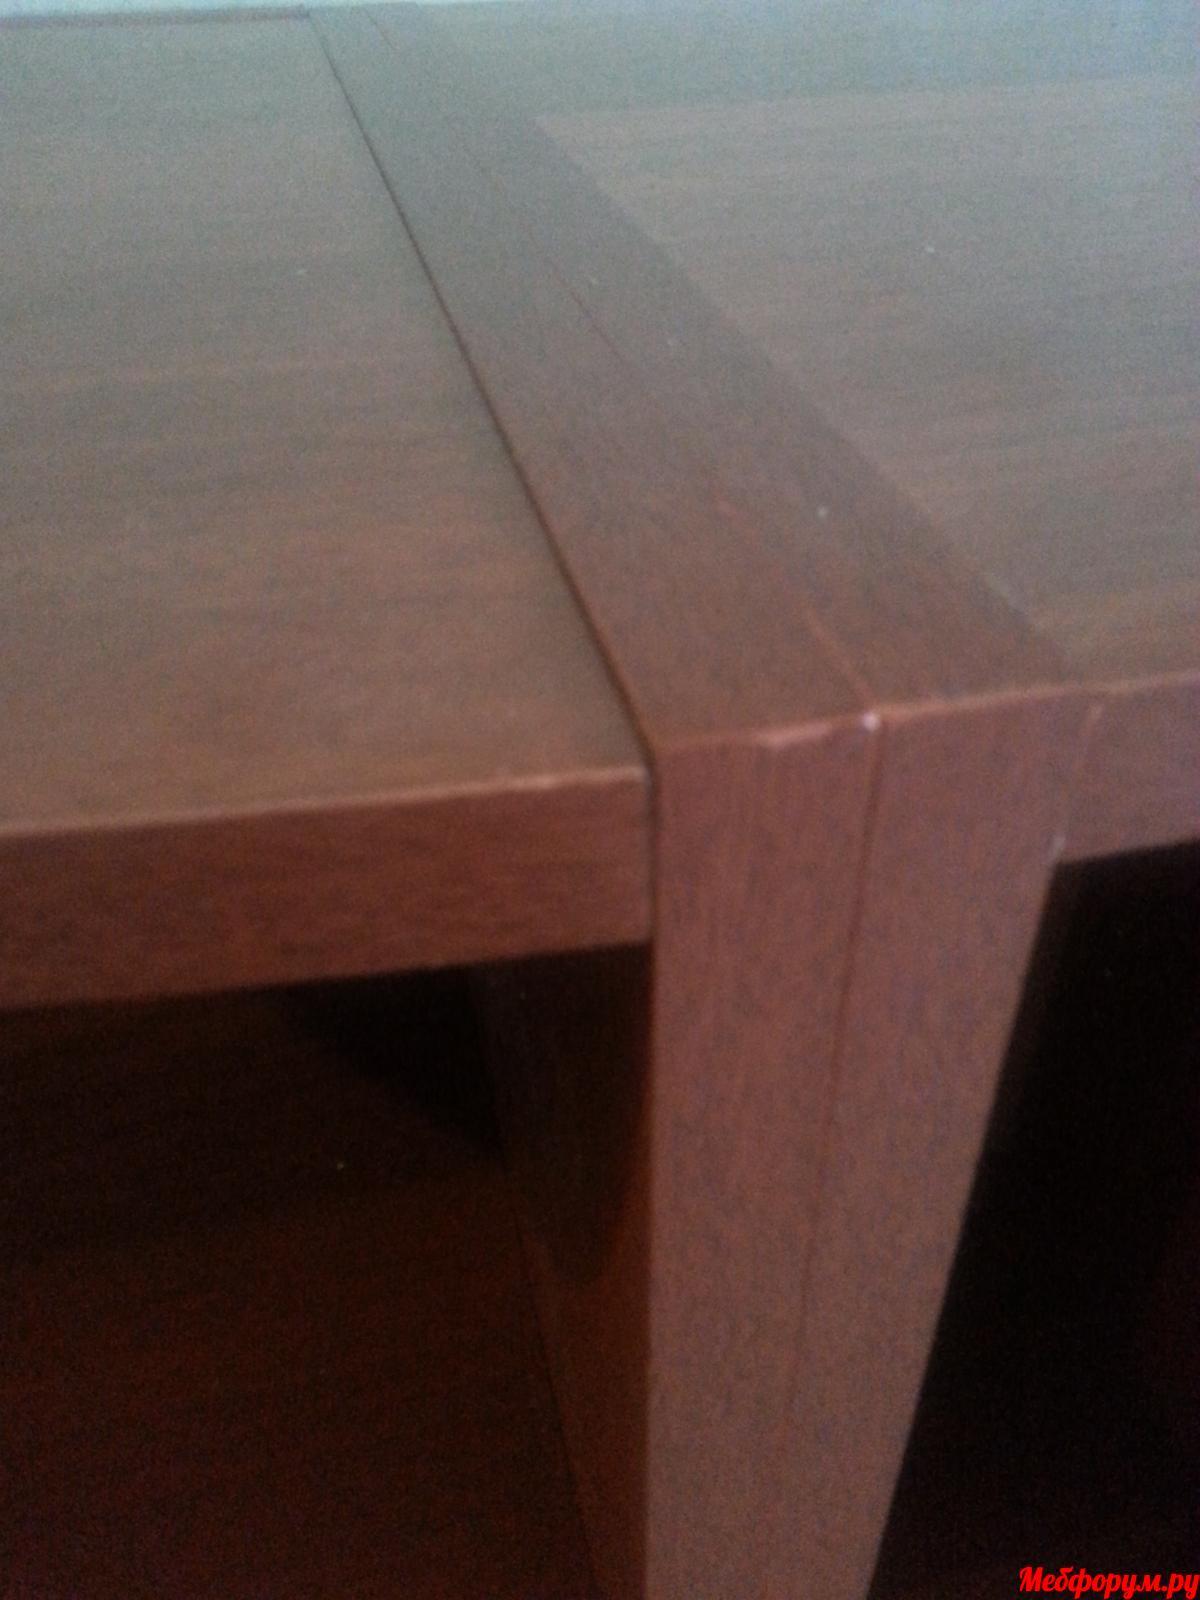 Откровенно низкое качество используемых материалов(2).jpg